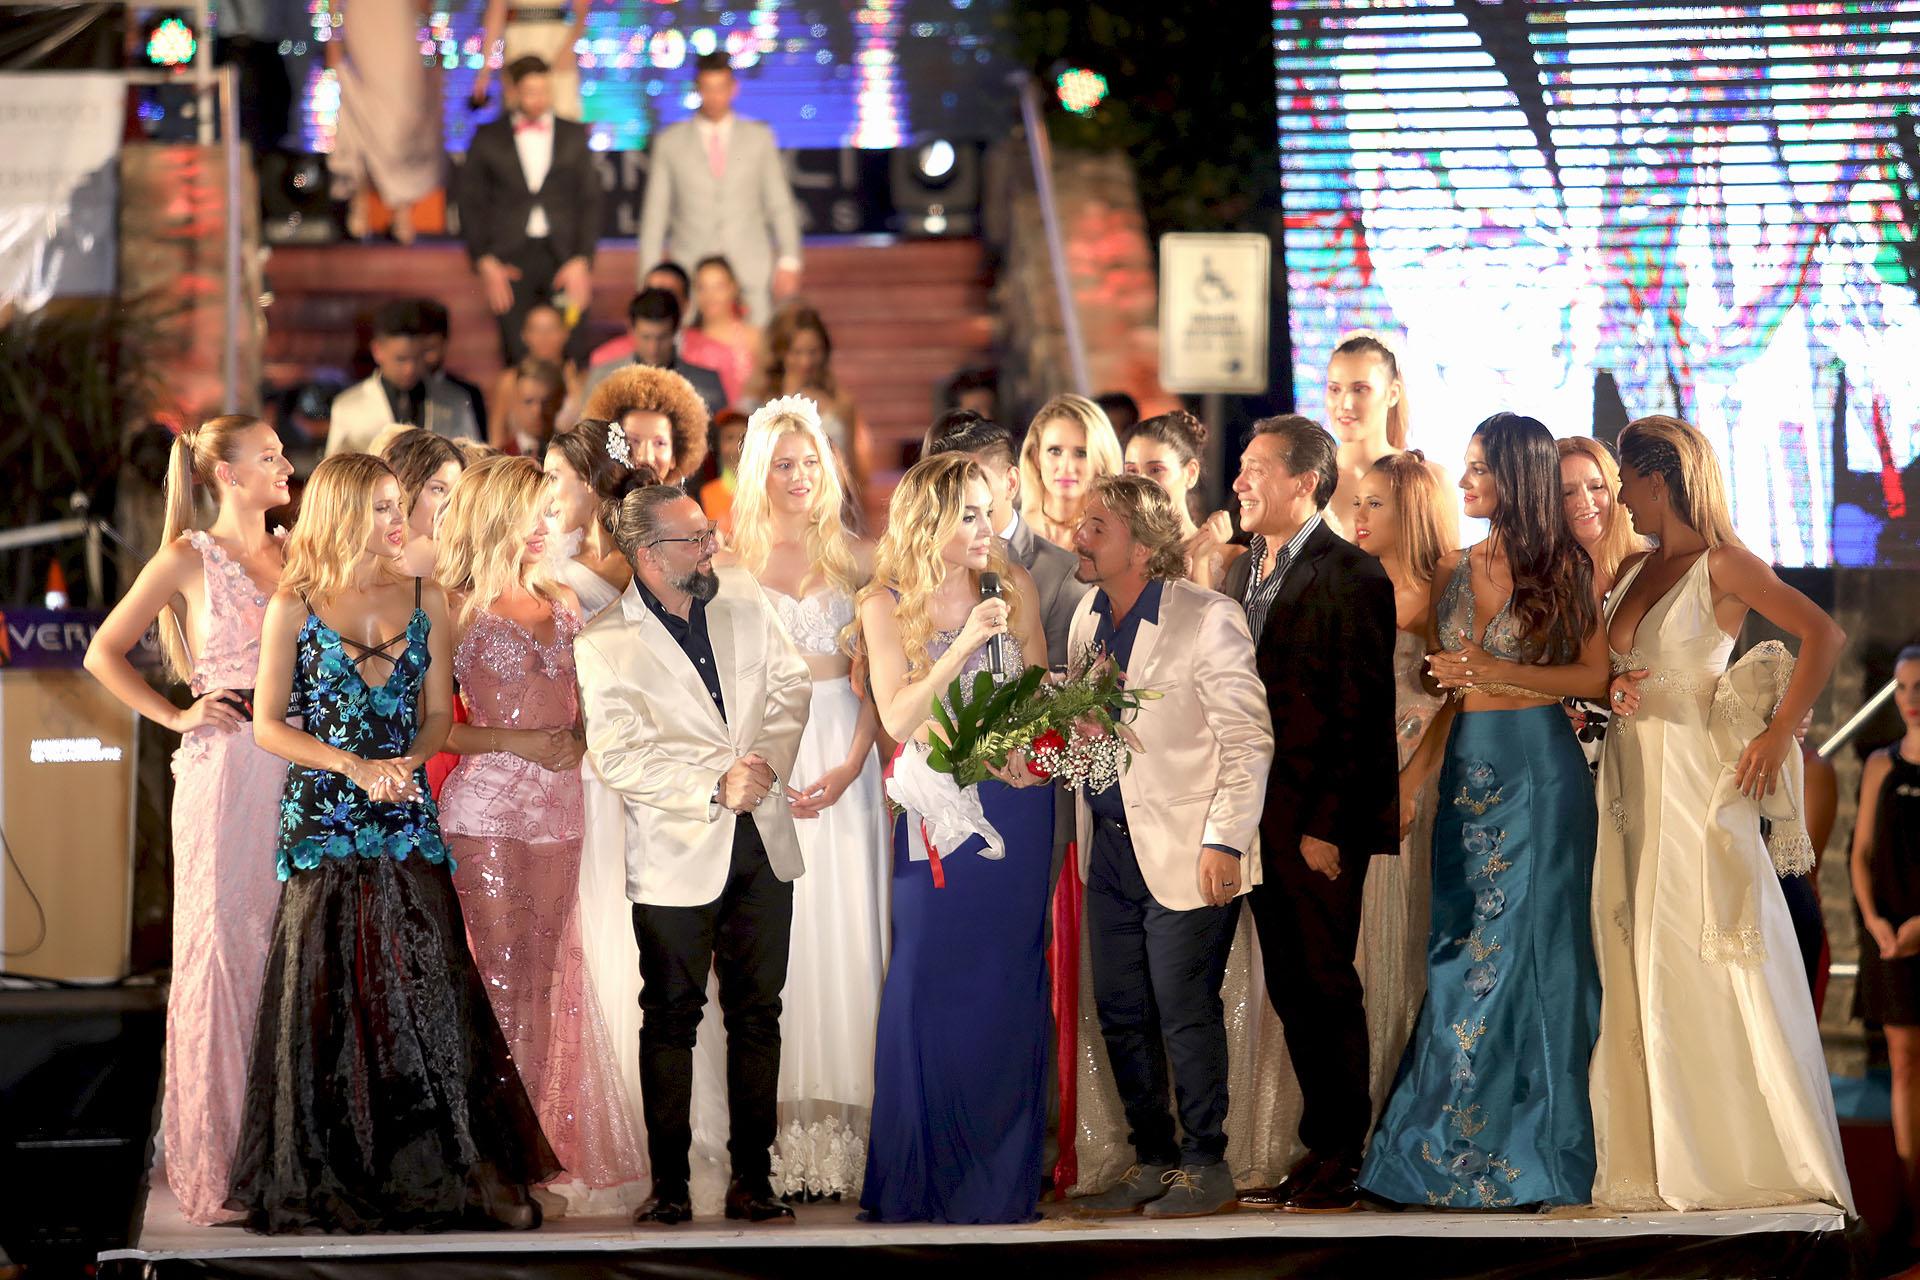 El cierre del evento con todos los participantes arriba del escenario